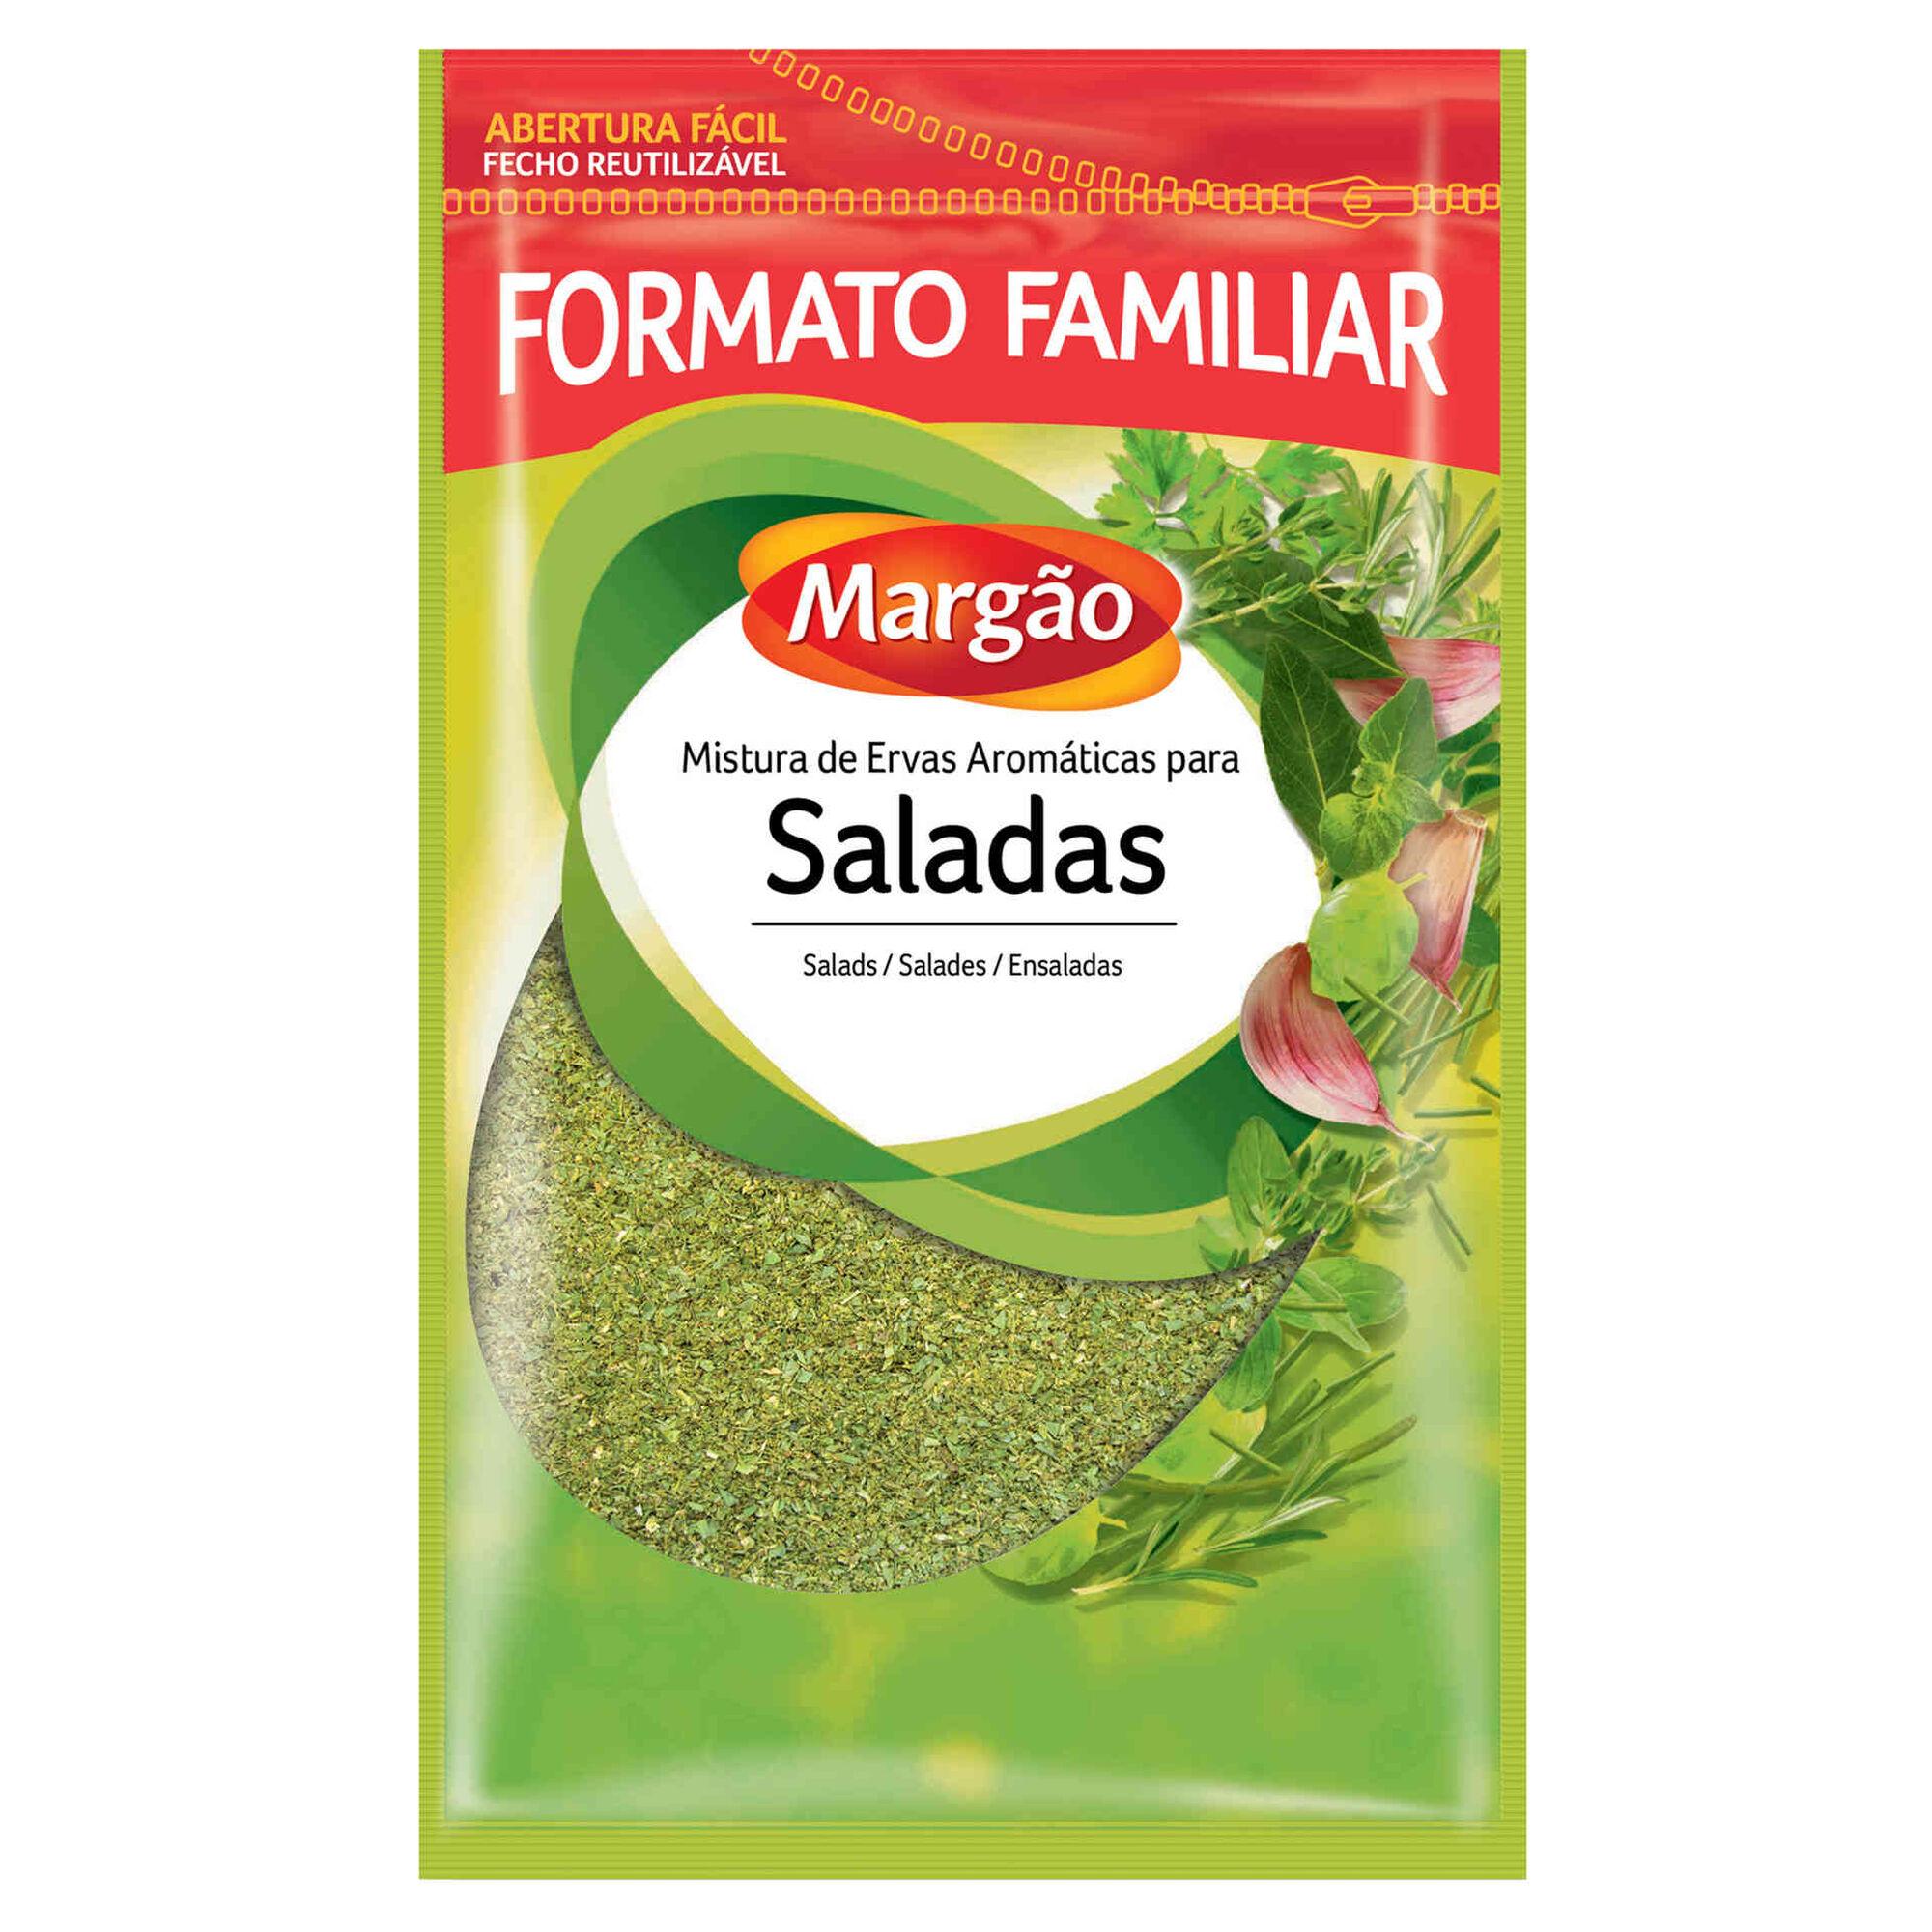 Mistura de Ervas Aromáticas para Saladas em Saqueta